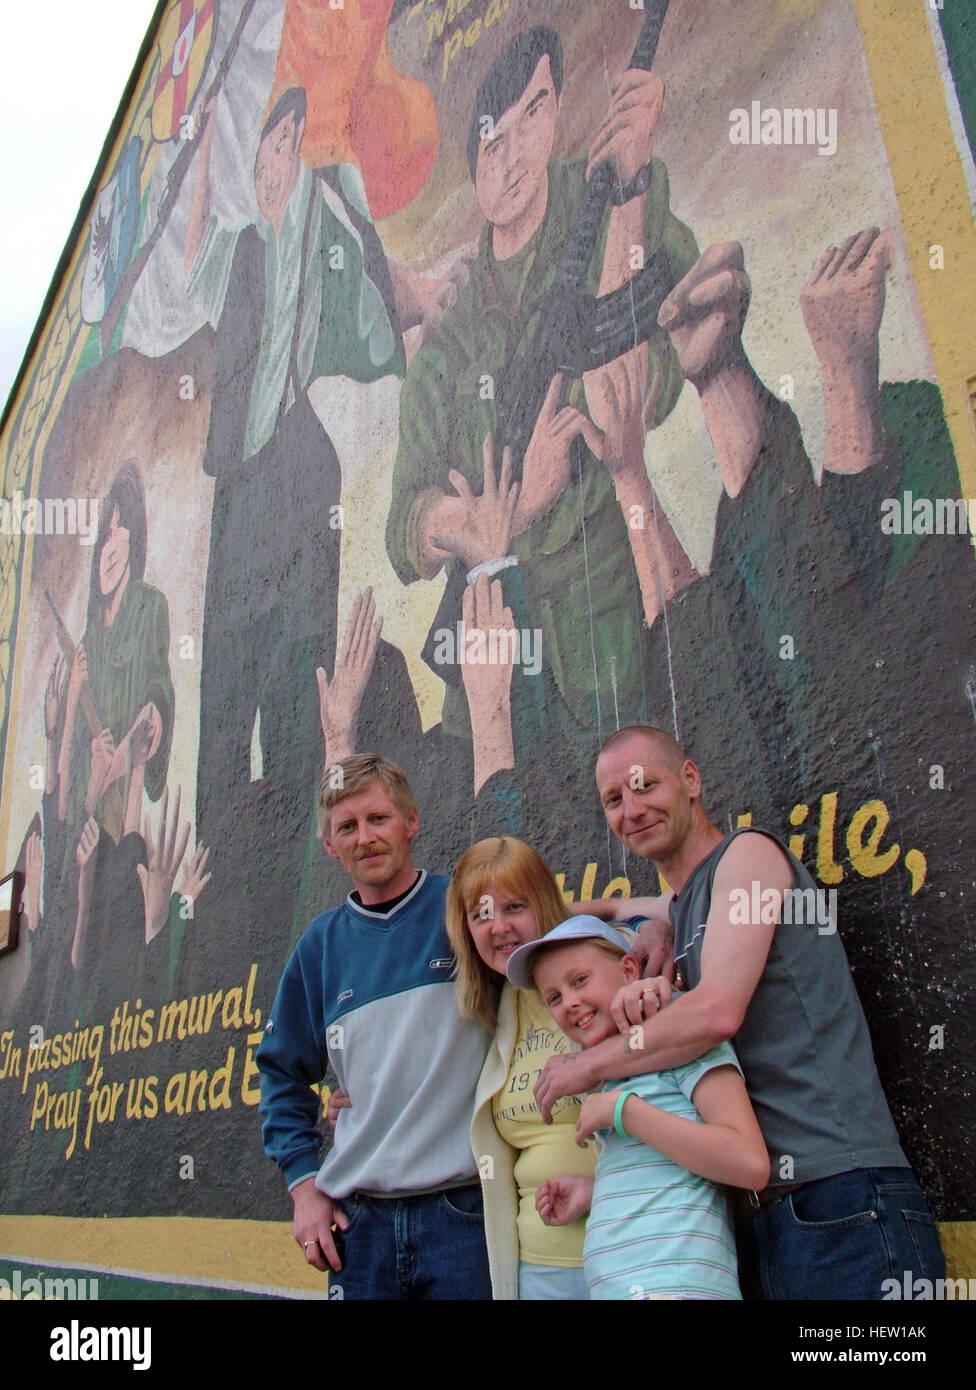 Laden Sie dieses Alamy Stockfoto Belfast fällt Rd republikanischen Wandbild, auf Giebelseite mit Familie. Gewidmet, Bobby McCrudden, Mundo O-Rawe, Pearse Jordan - HEW1AK